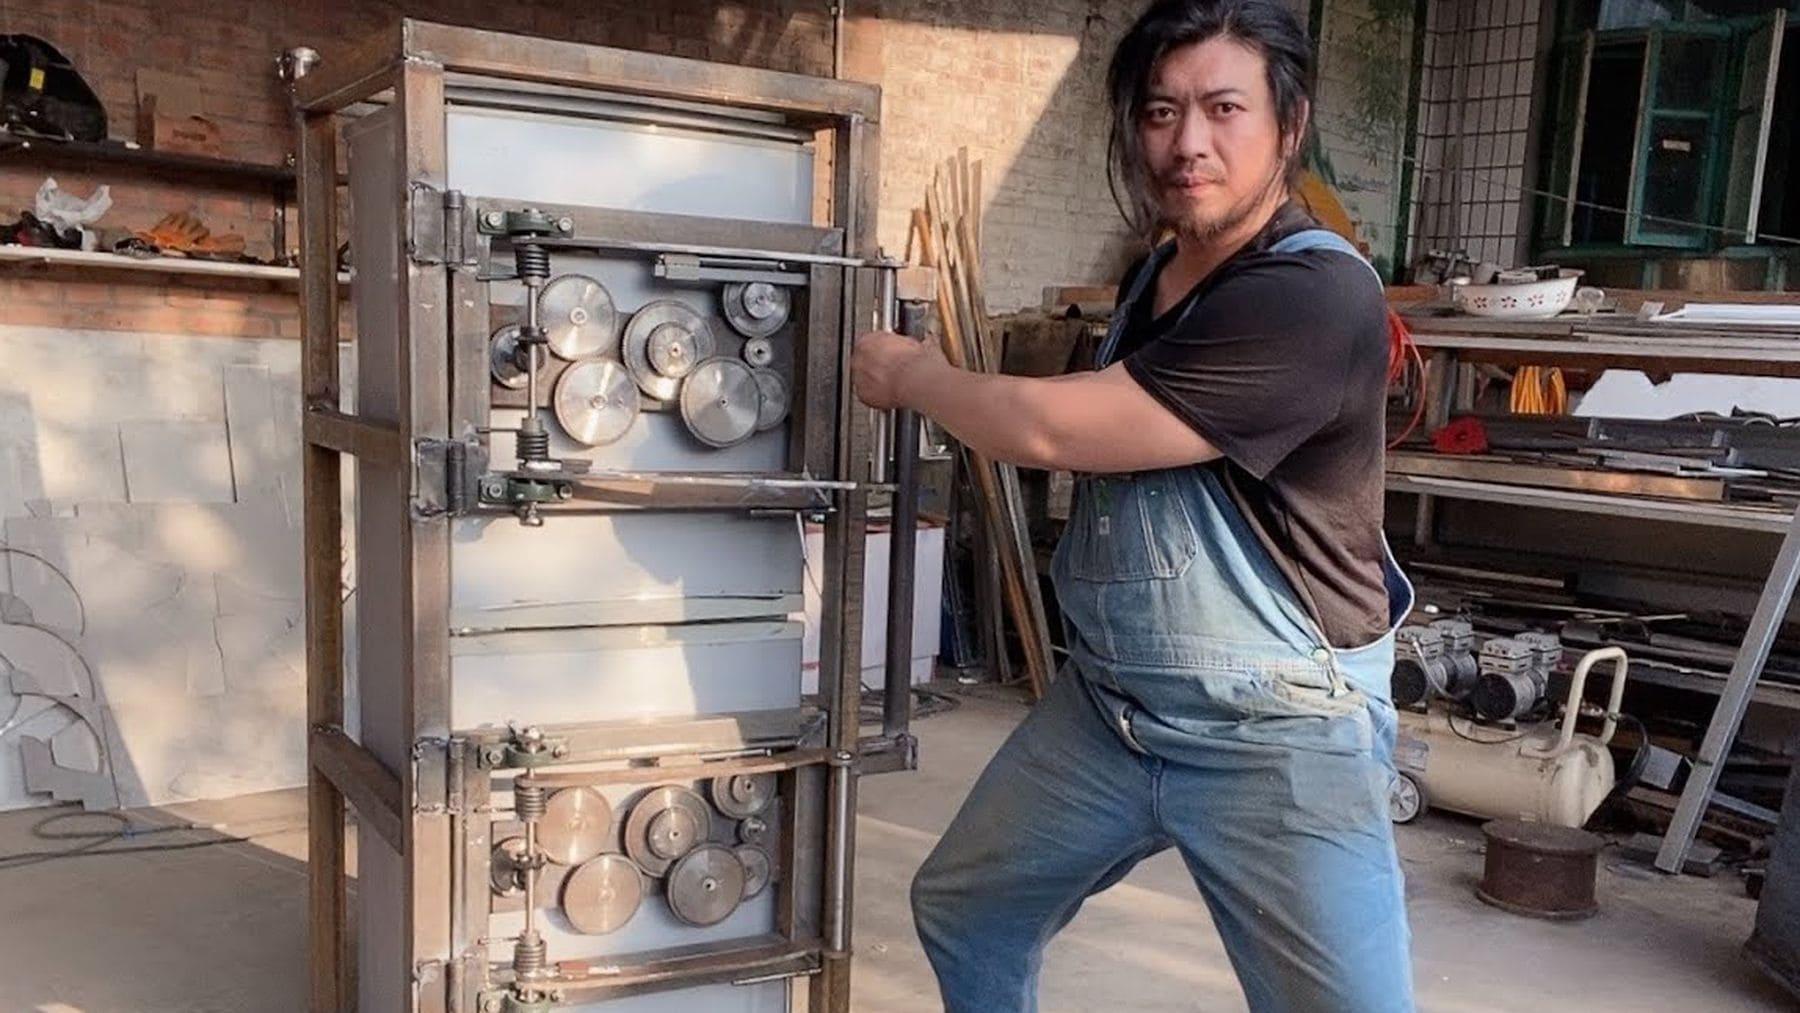 Ein Kühlschrank, der beim Abnehmen hilft | Gadgets | Was is hier eigentlich los?